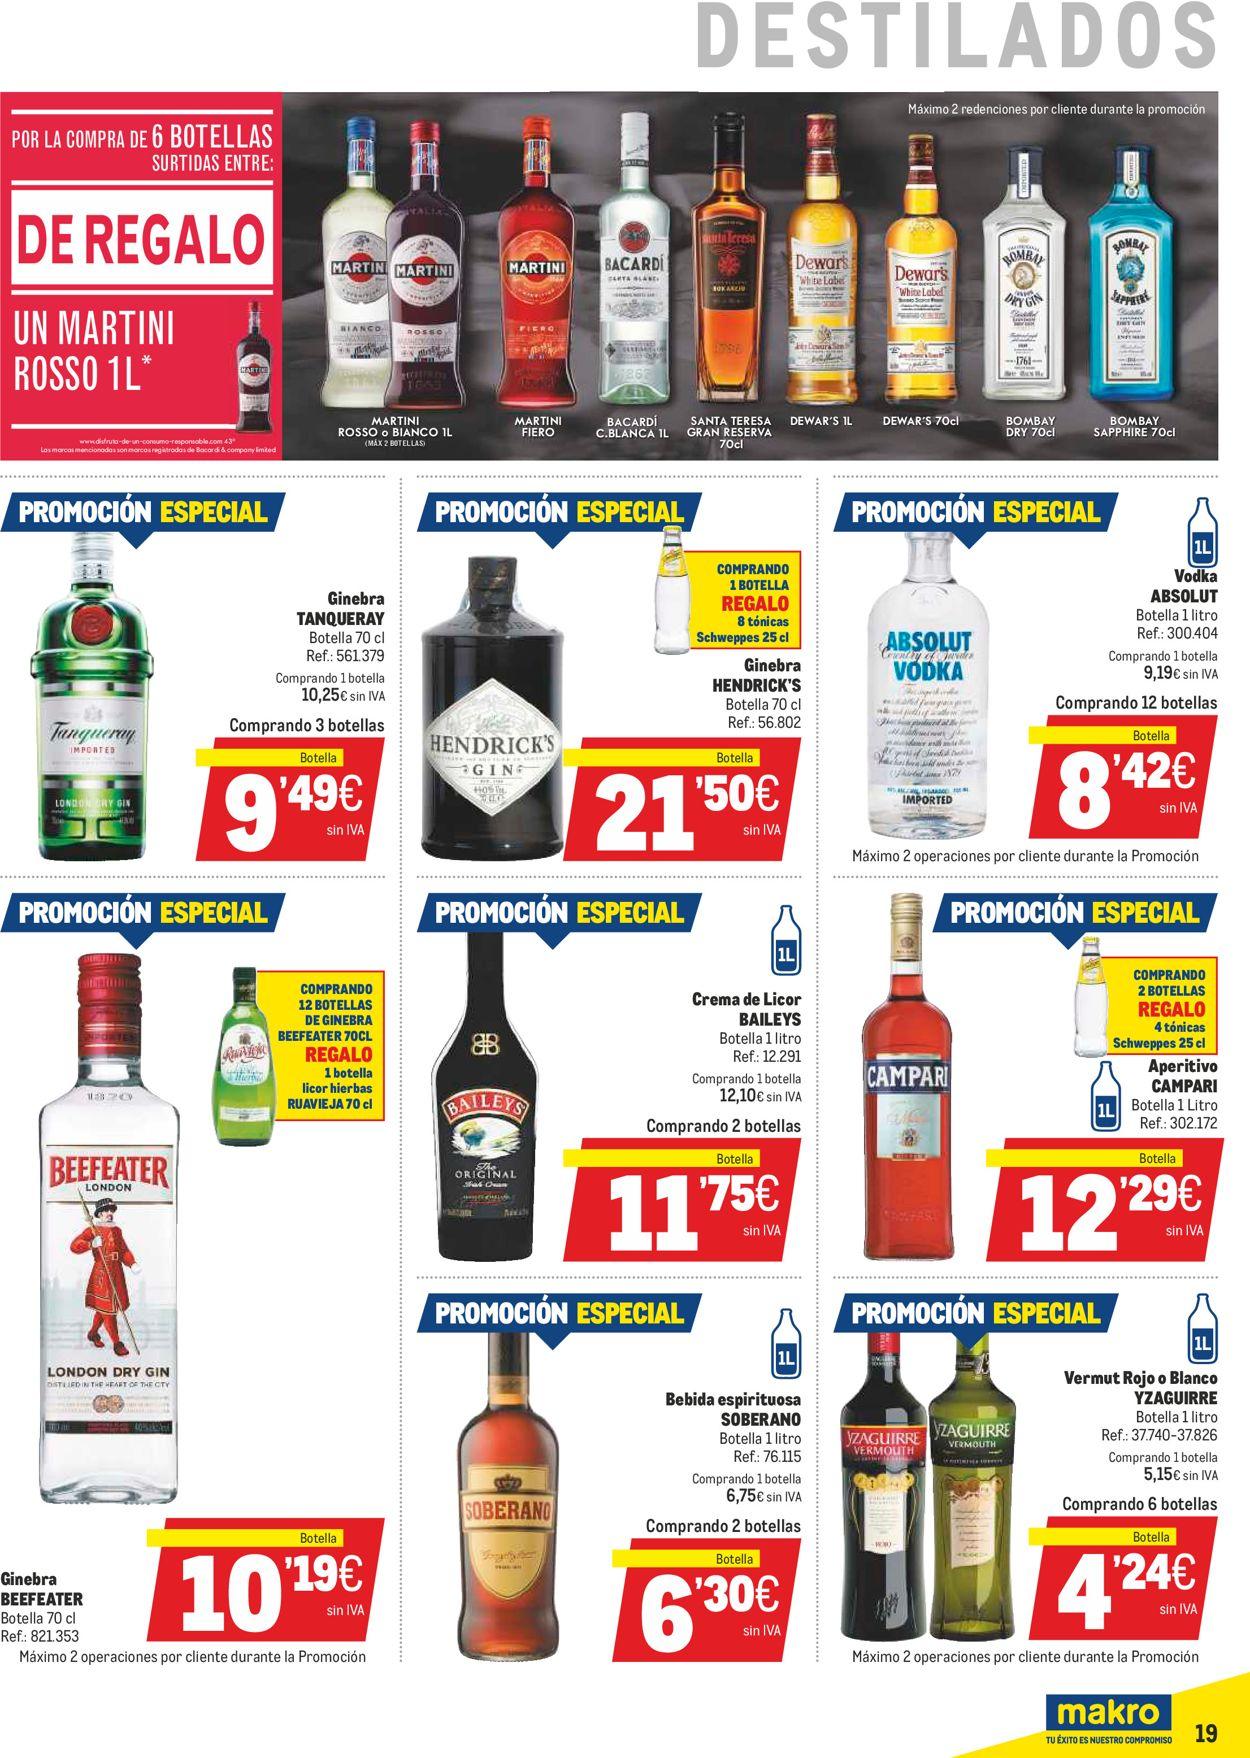 Makro Folleto - 19.03-01.04.2020 (Página 19)